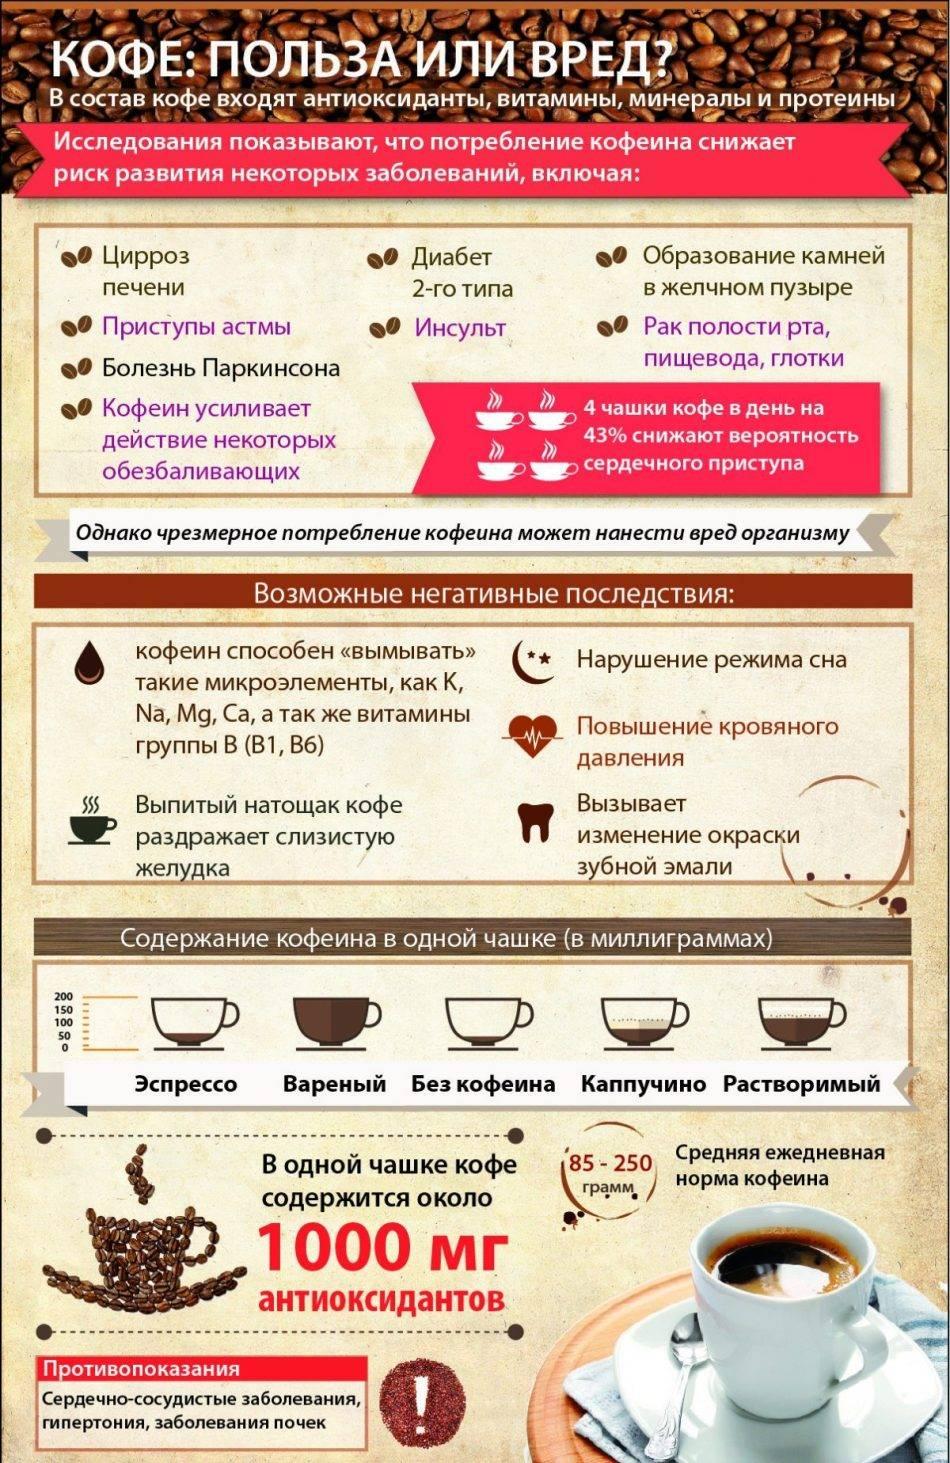 Кофеин для похудения - как принимать? 7 полезных свойств